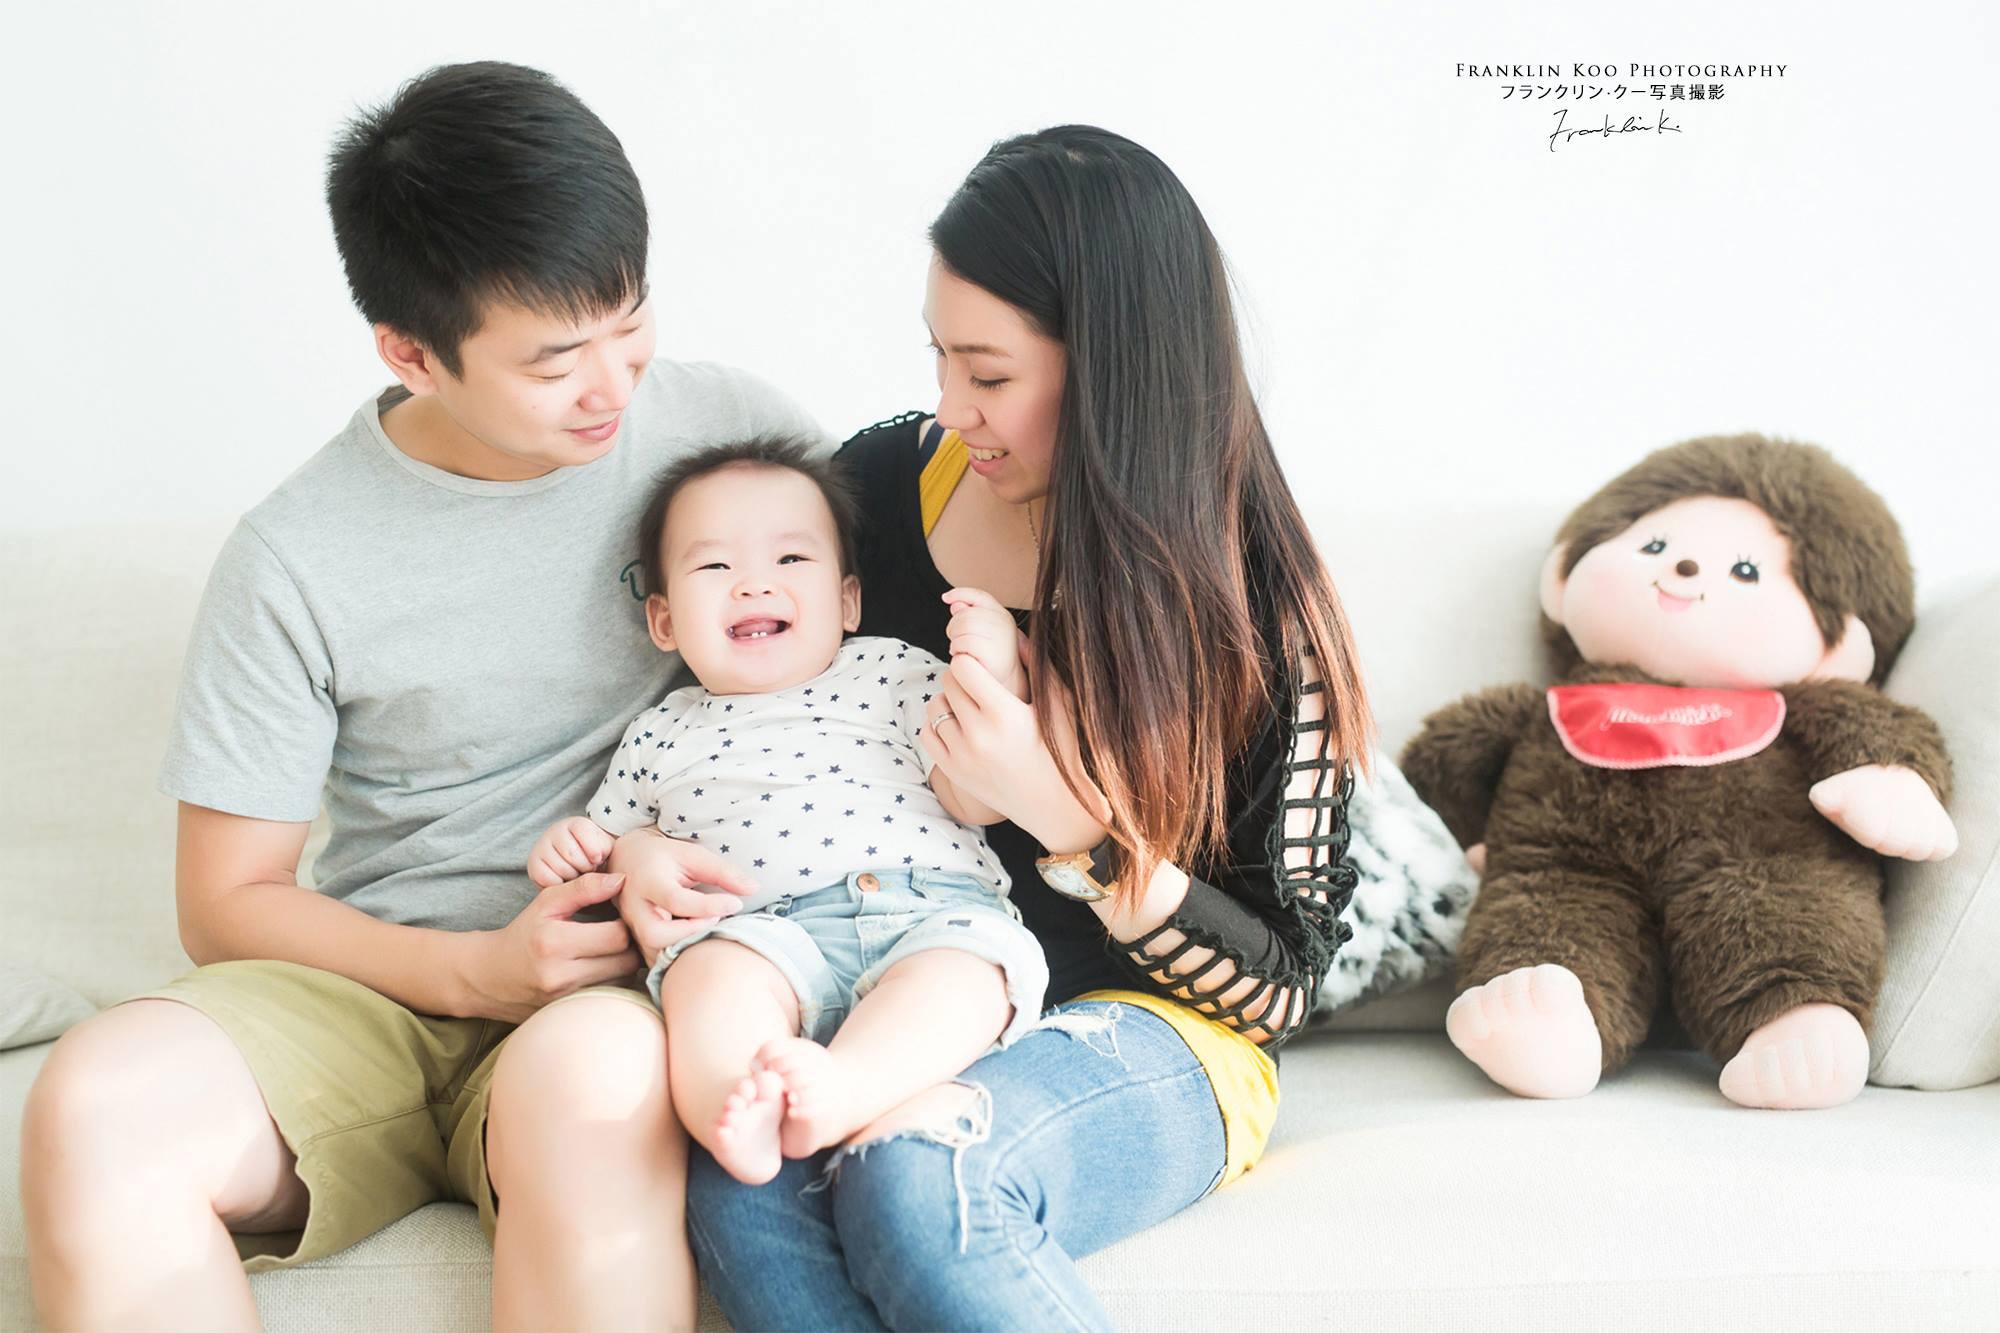 Heylie & Shing Family Photo